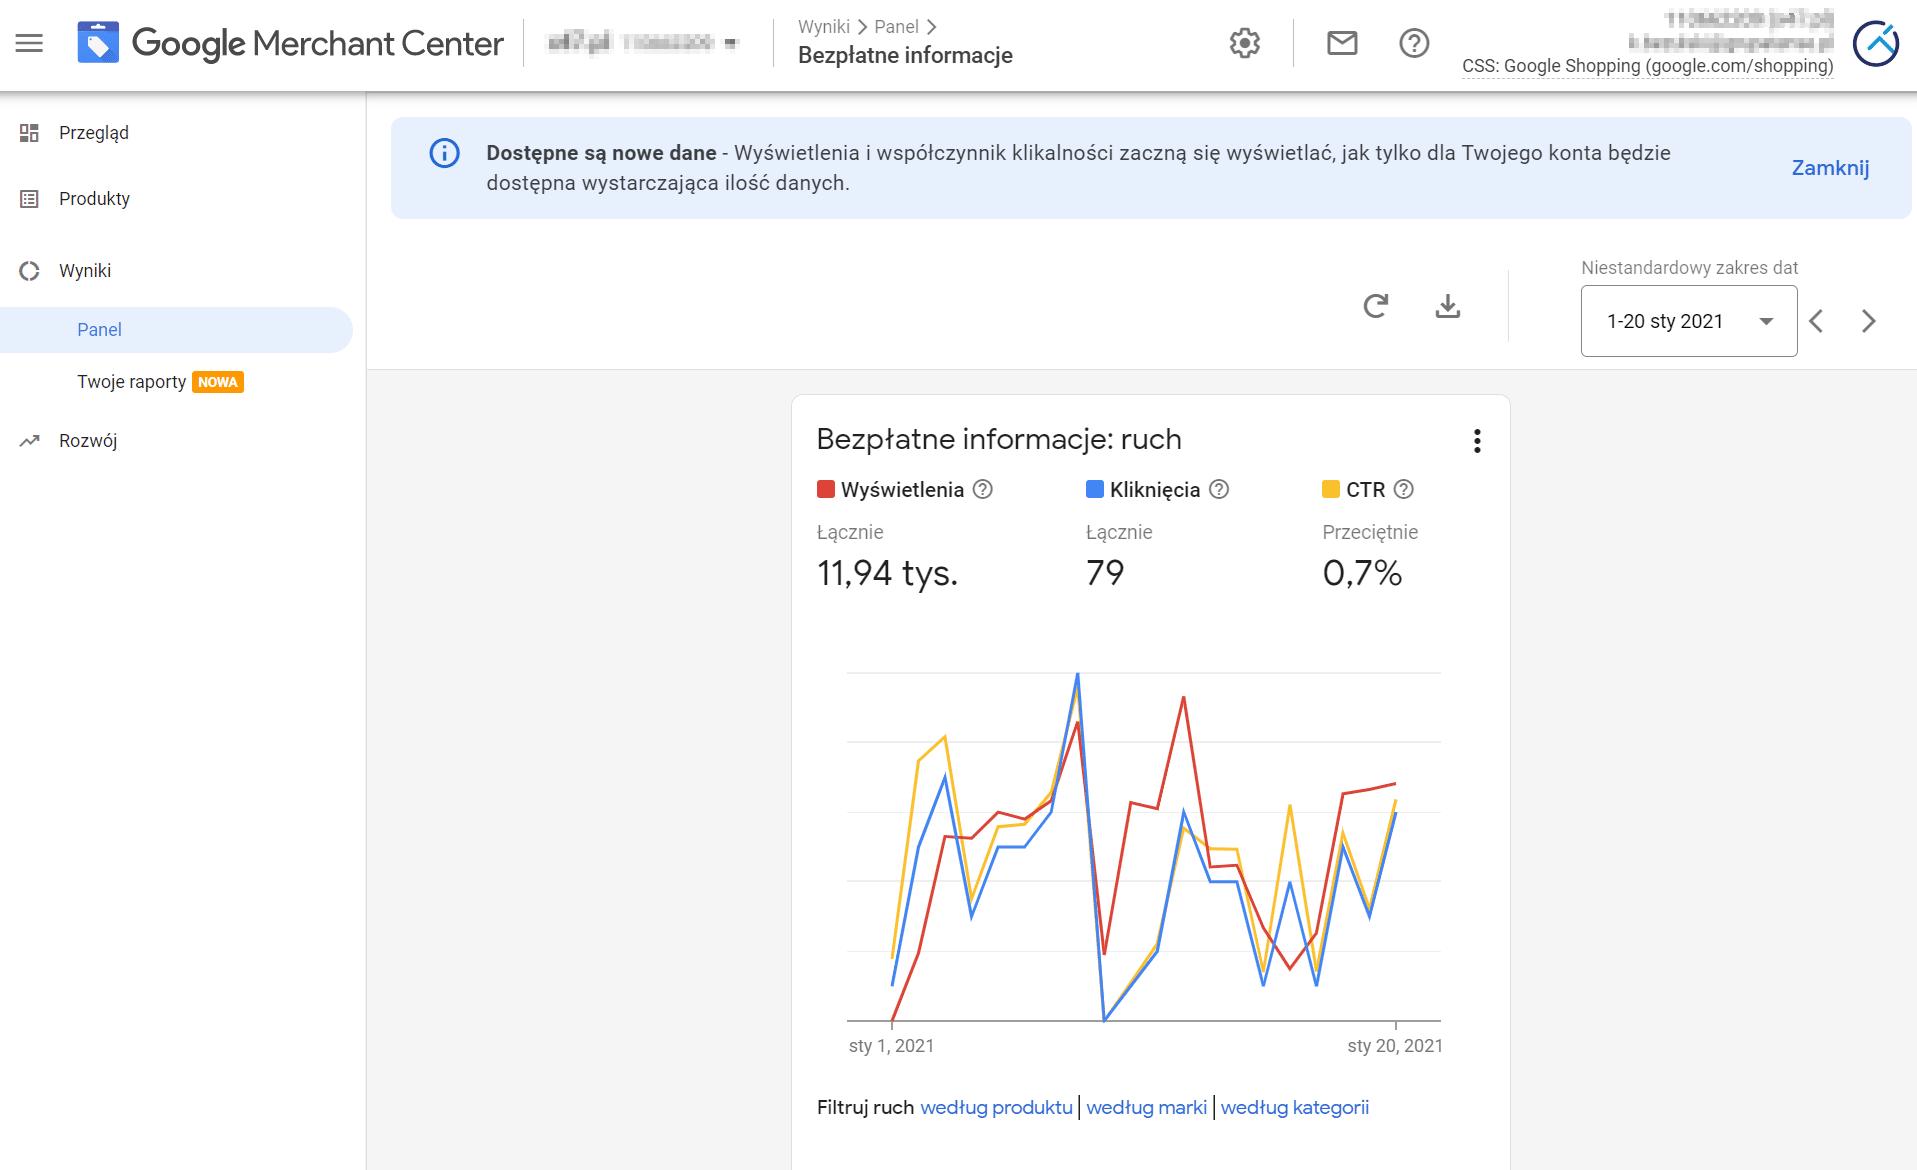 Bezpłatne informacje o produktach na karcie Zakupy Google